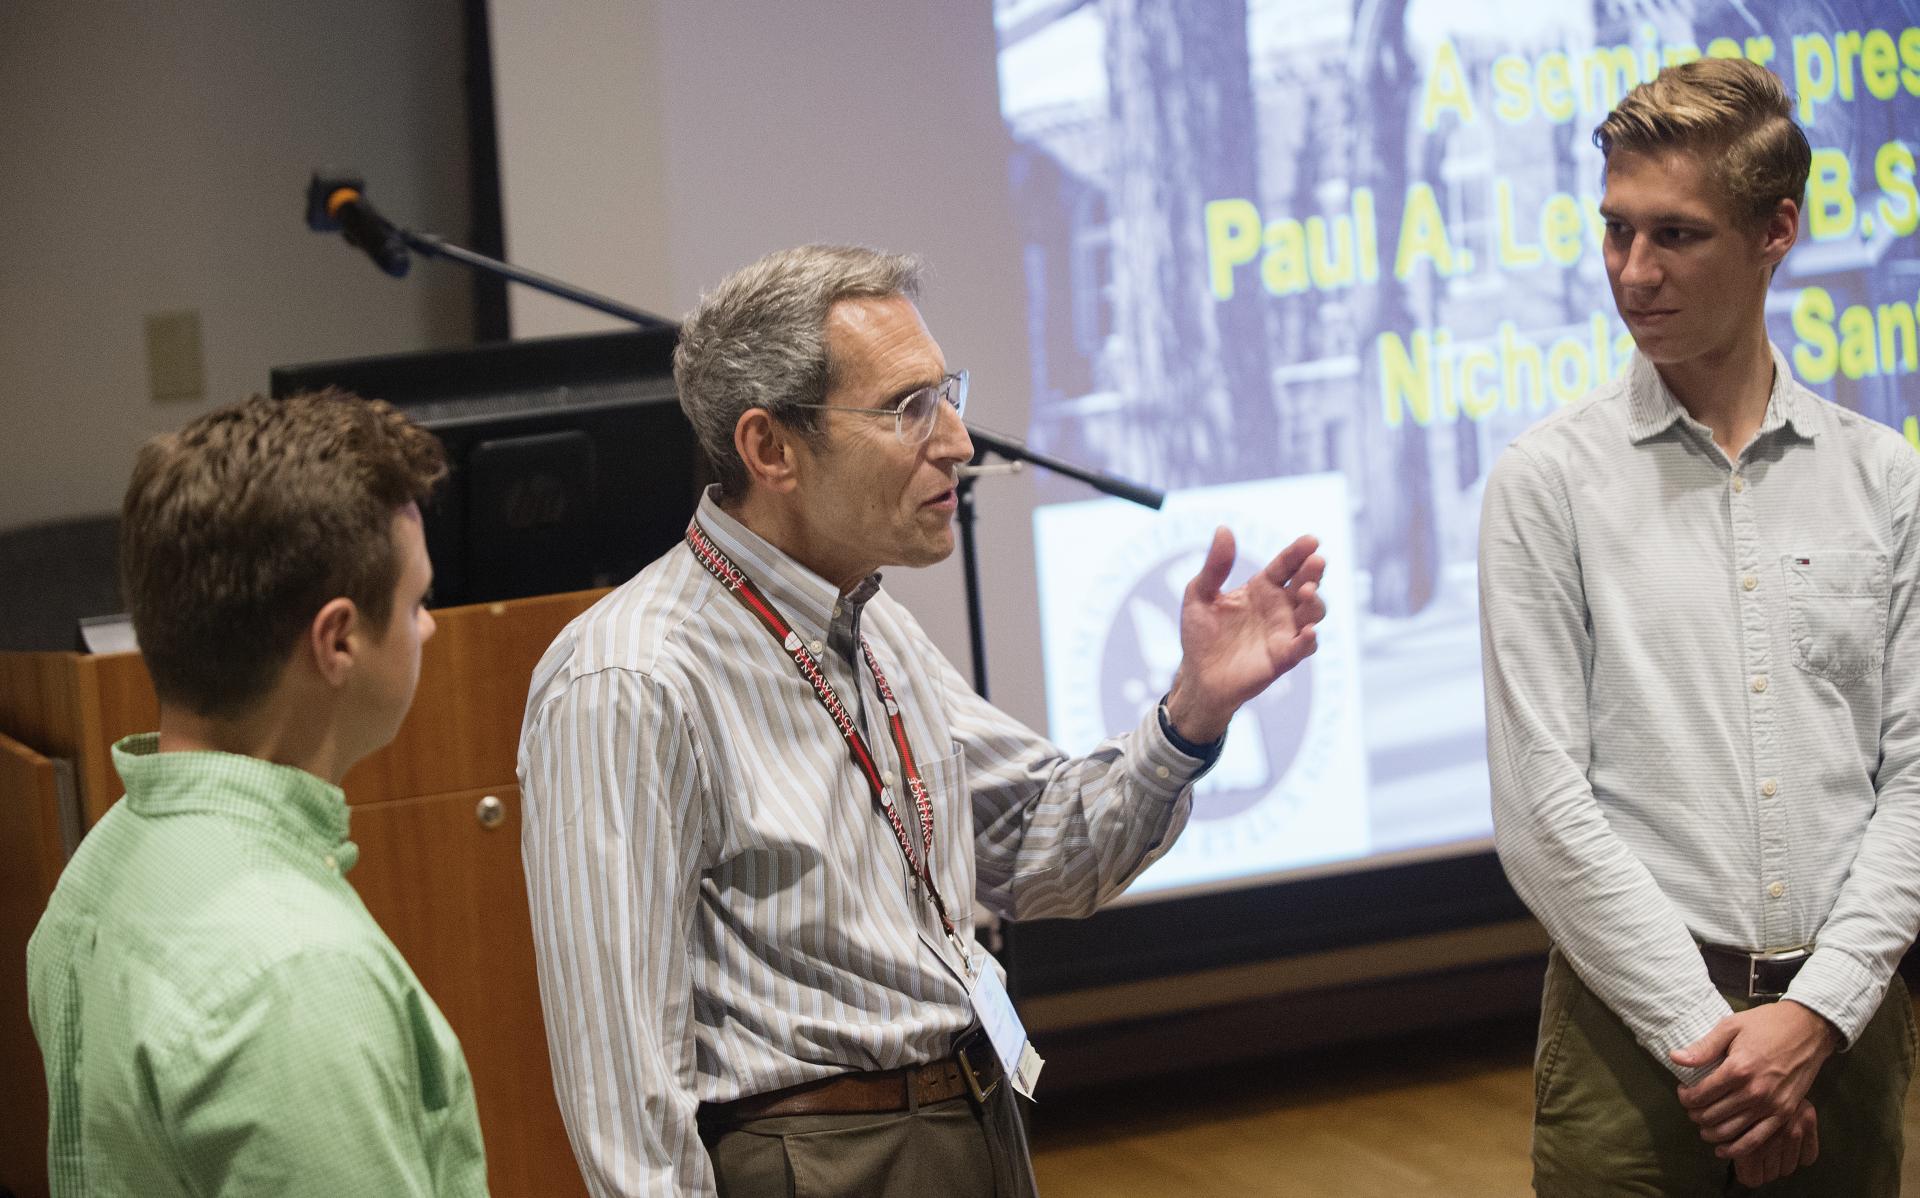 Dr. Paul Levi '62 and Nick Santaro '18